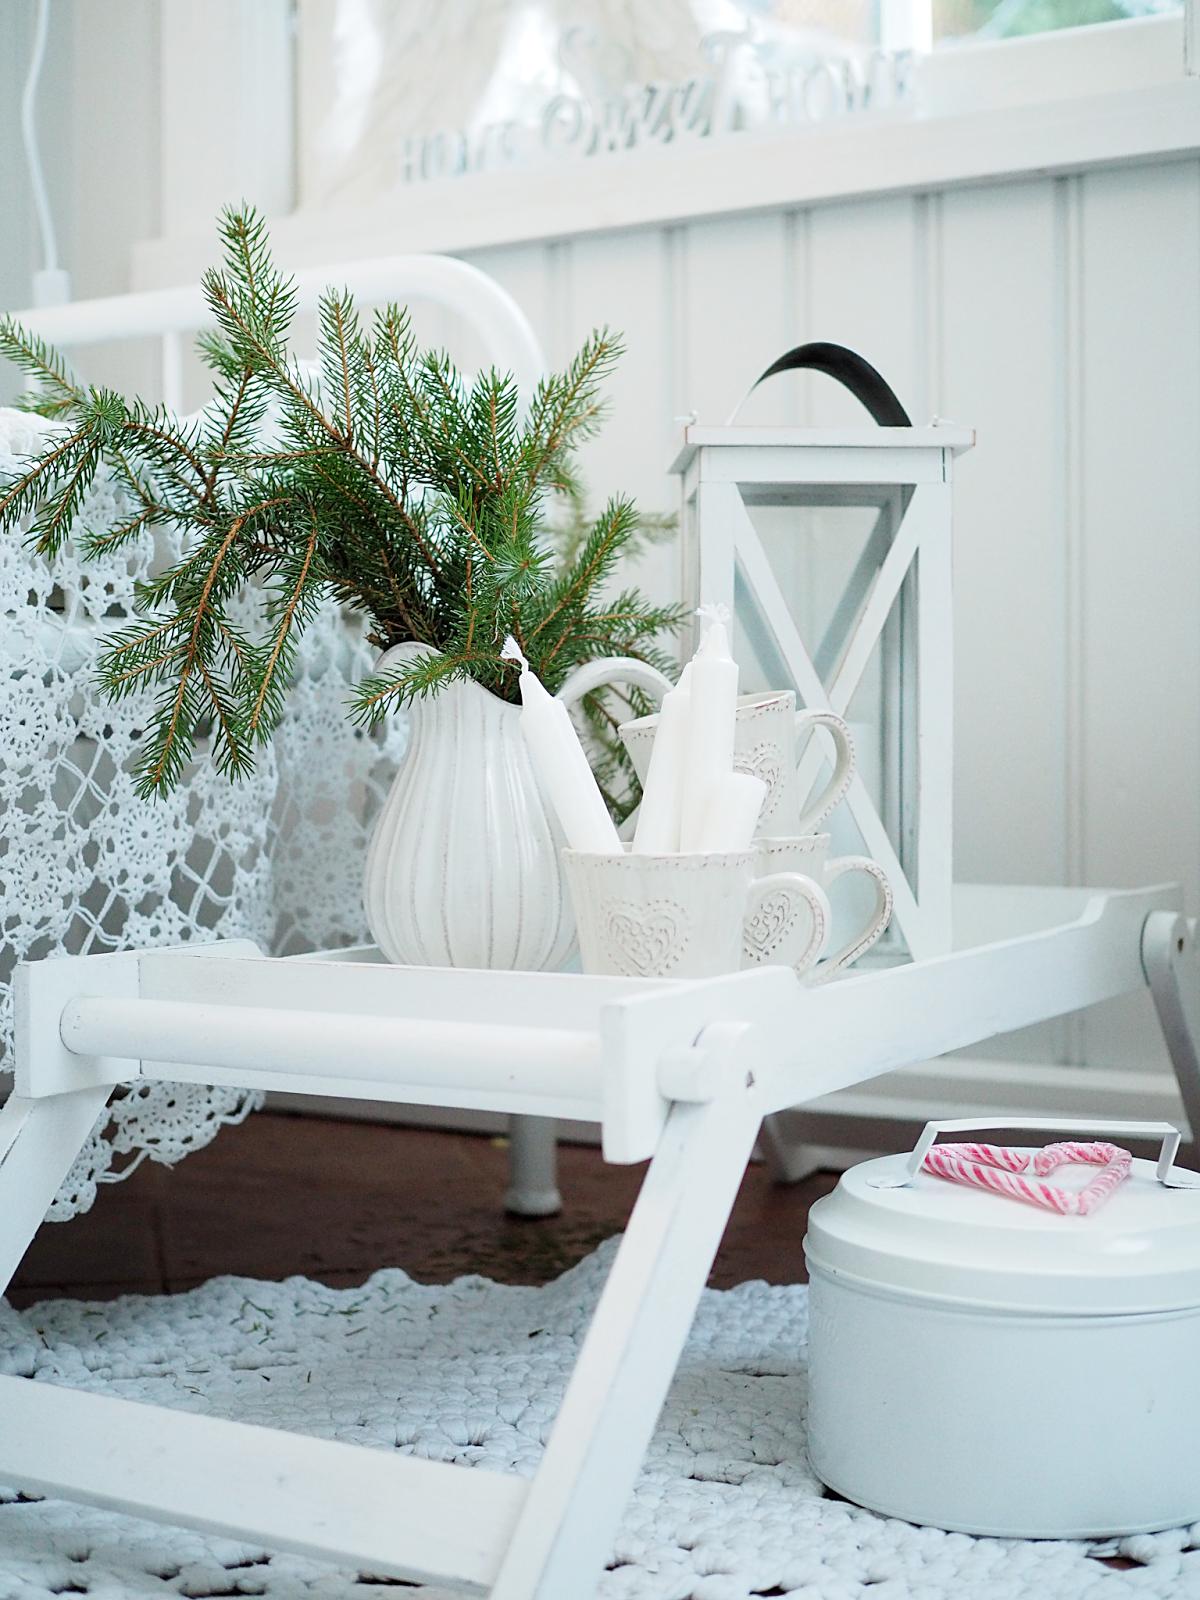 Home of Valkoisen kartanon elämää - photo by SisustusUnelmia